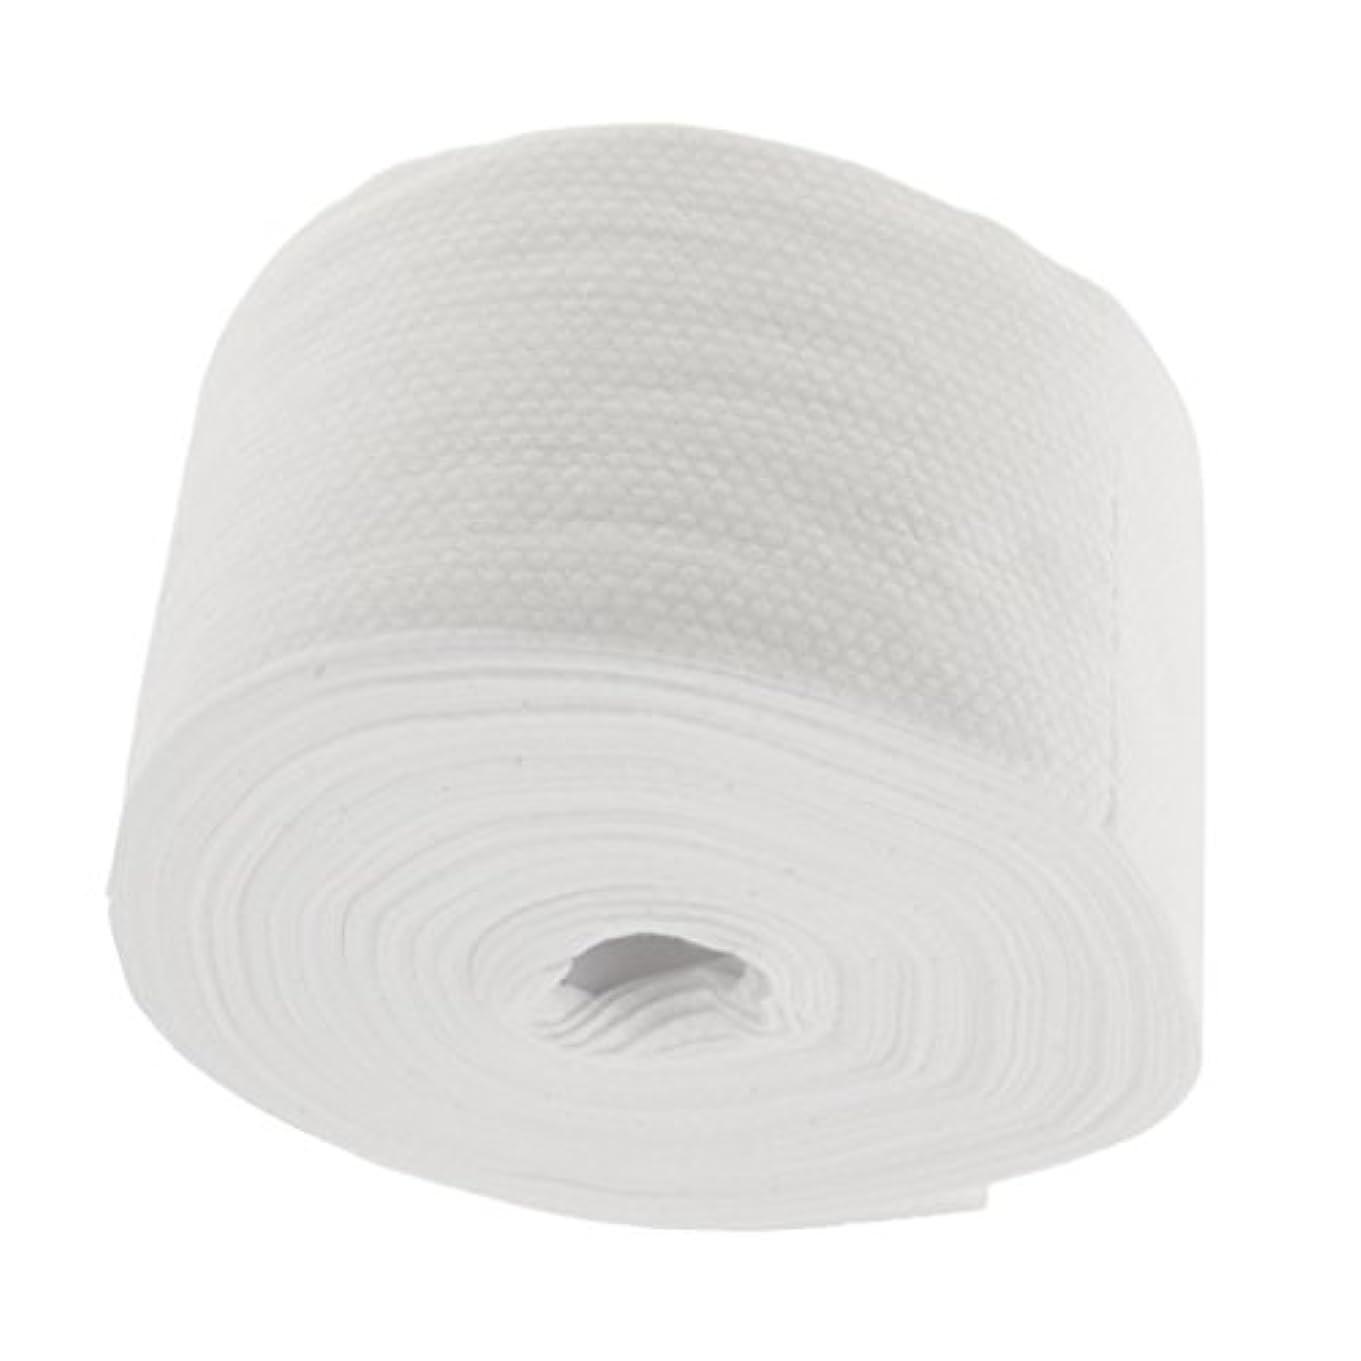 機知に富んだユーモアオーガニックSharplace ロール式 使い捨て 洗顔タオル 使い捨てタオル 30M コットン 繊維 メイクリムーバー 快適 - #2